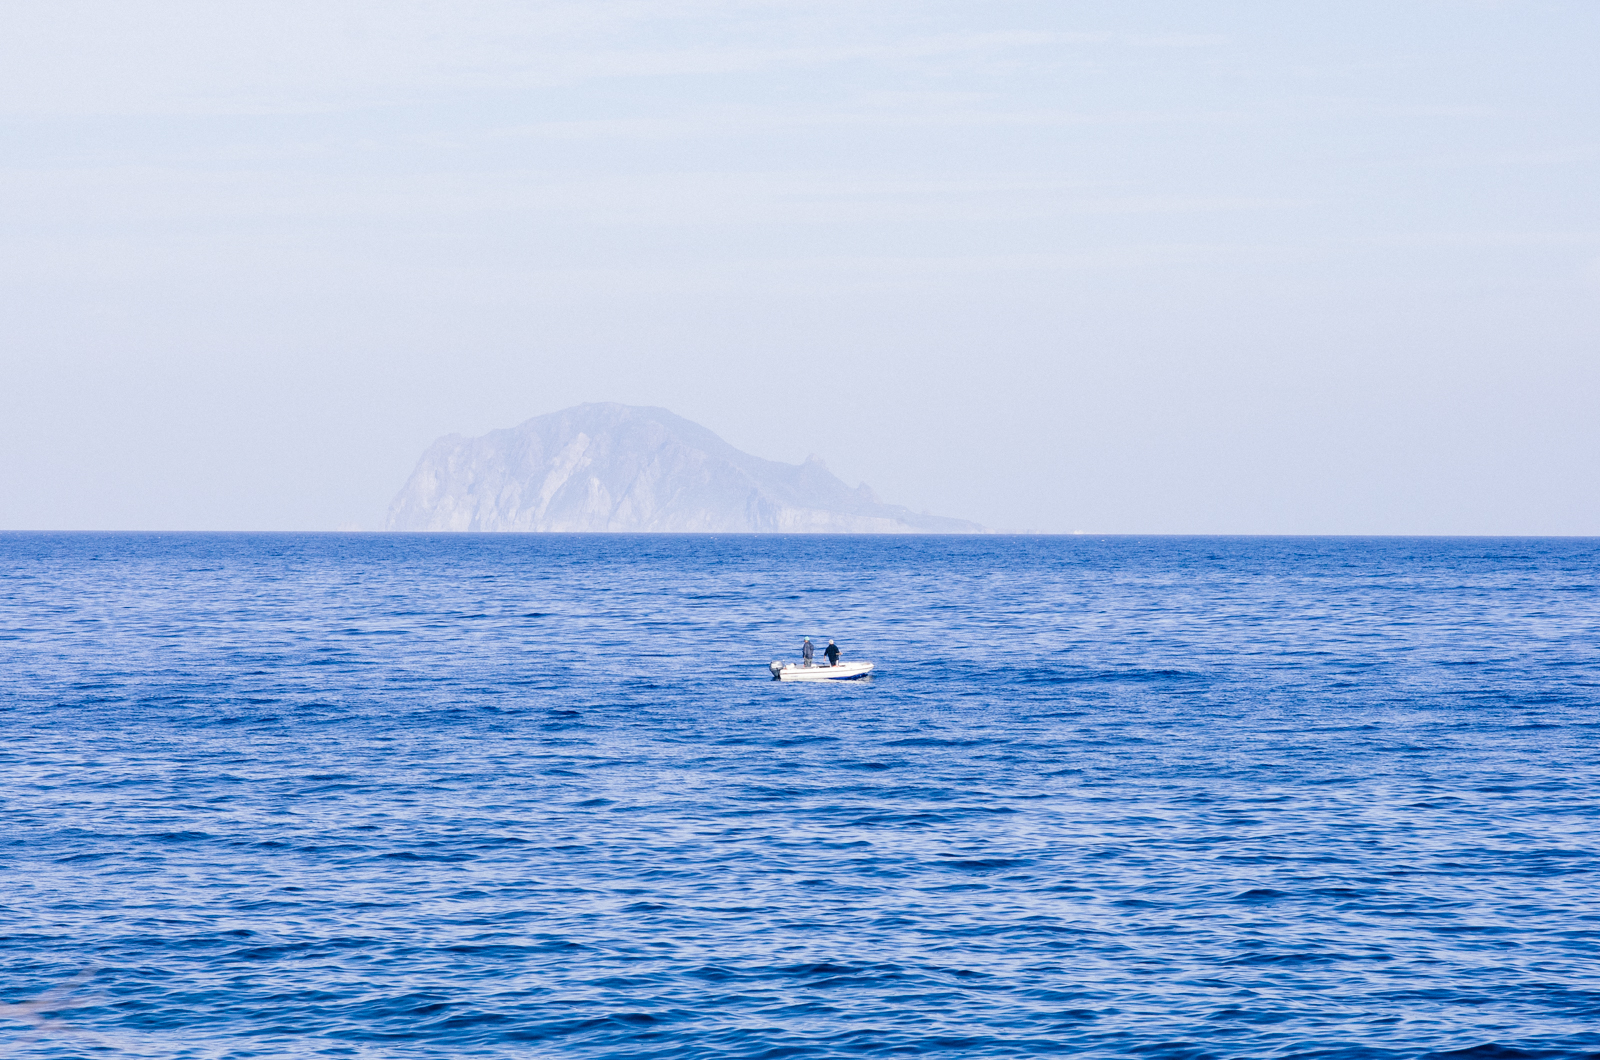 Salina - îles éoliennes - pêche dans la mer tyrrhénienne